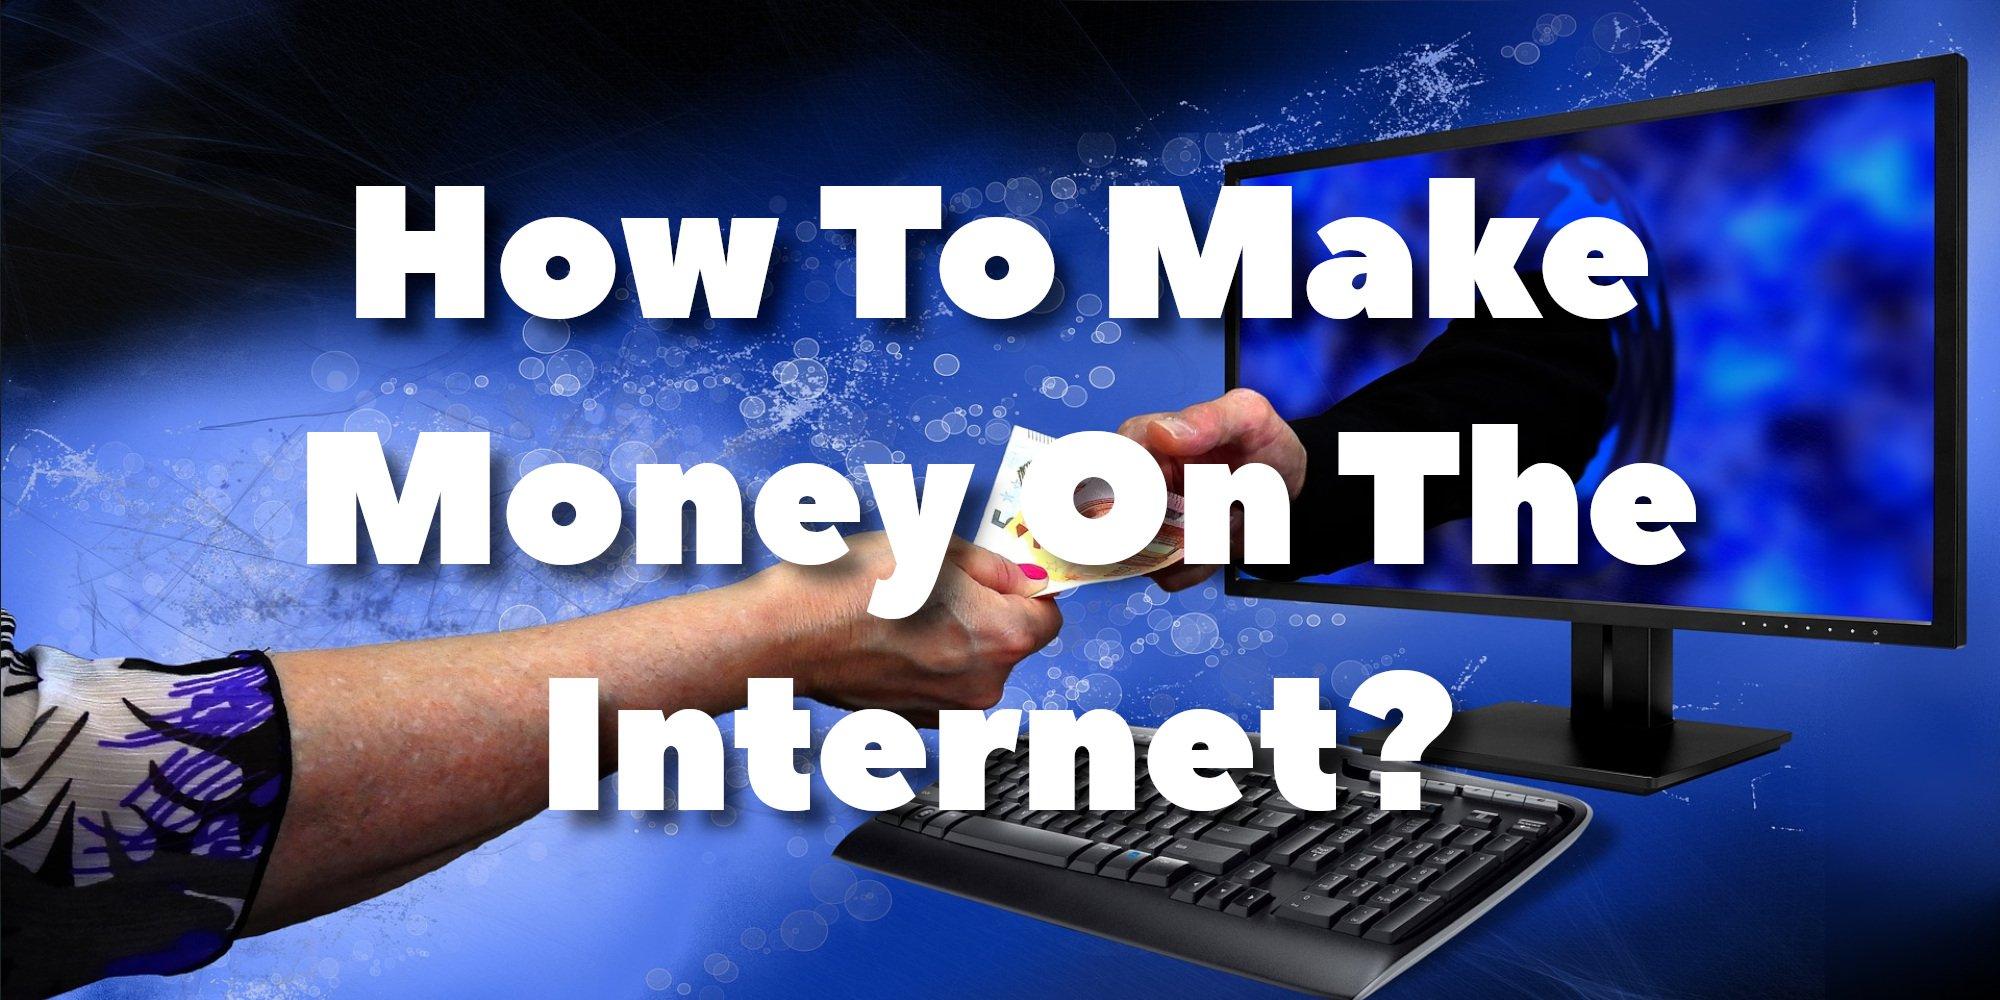 الطرق مشروعة لكسب المال على الانترنت 2020